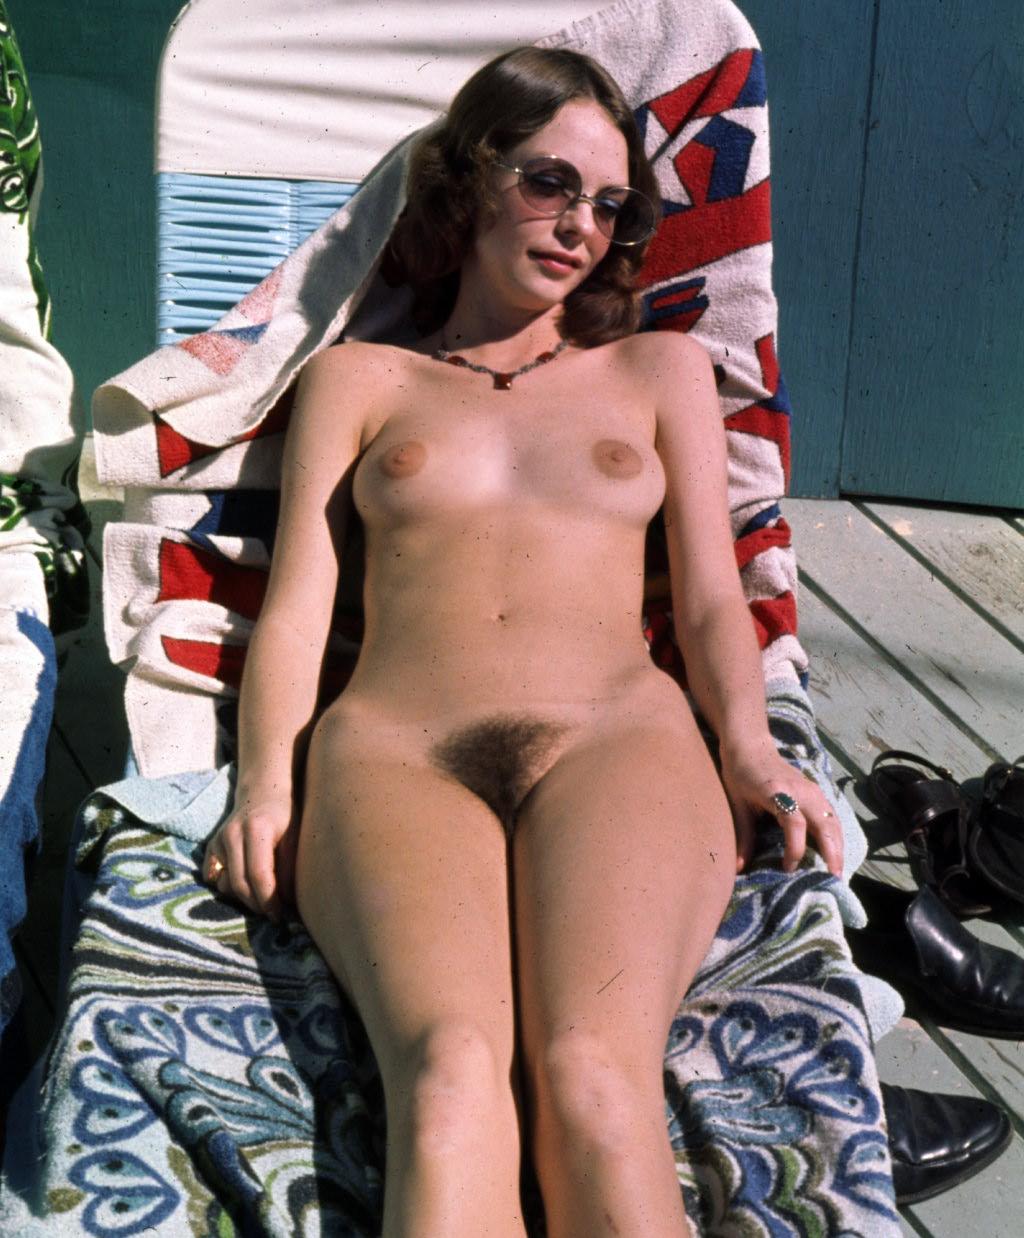 nebritie-nudistki-foto